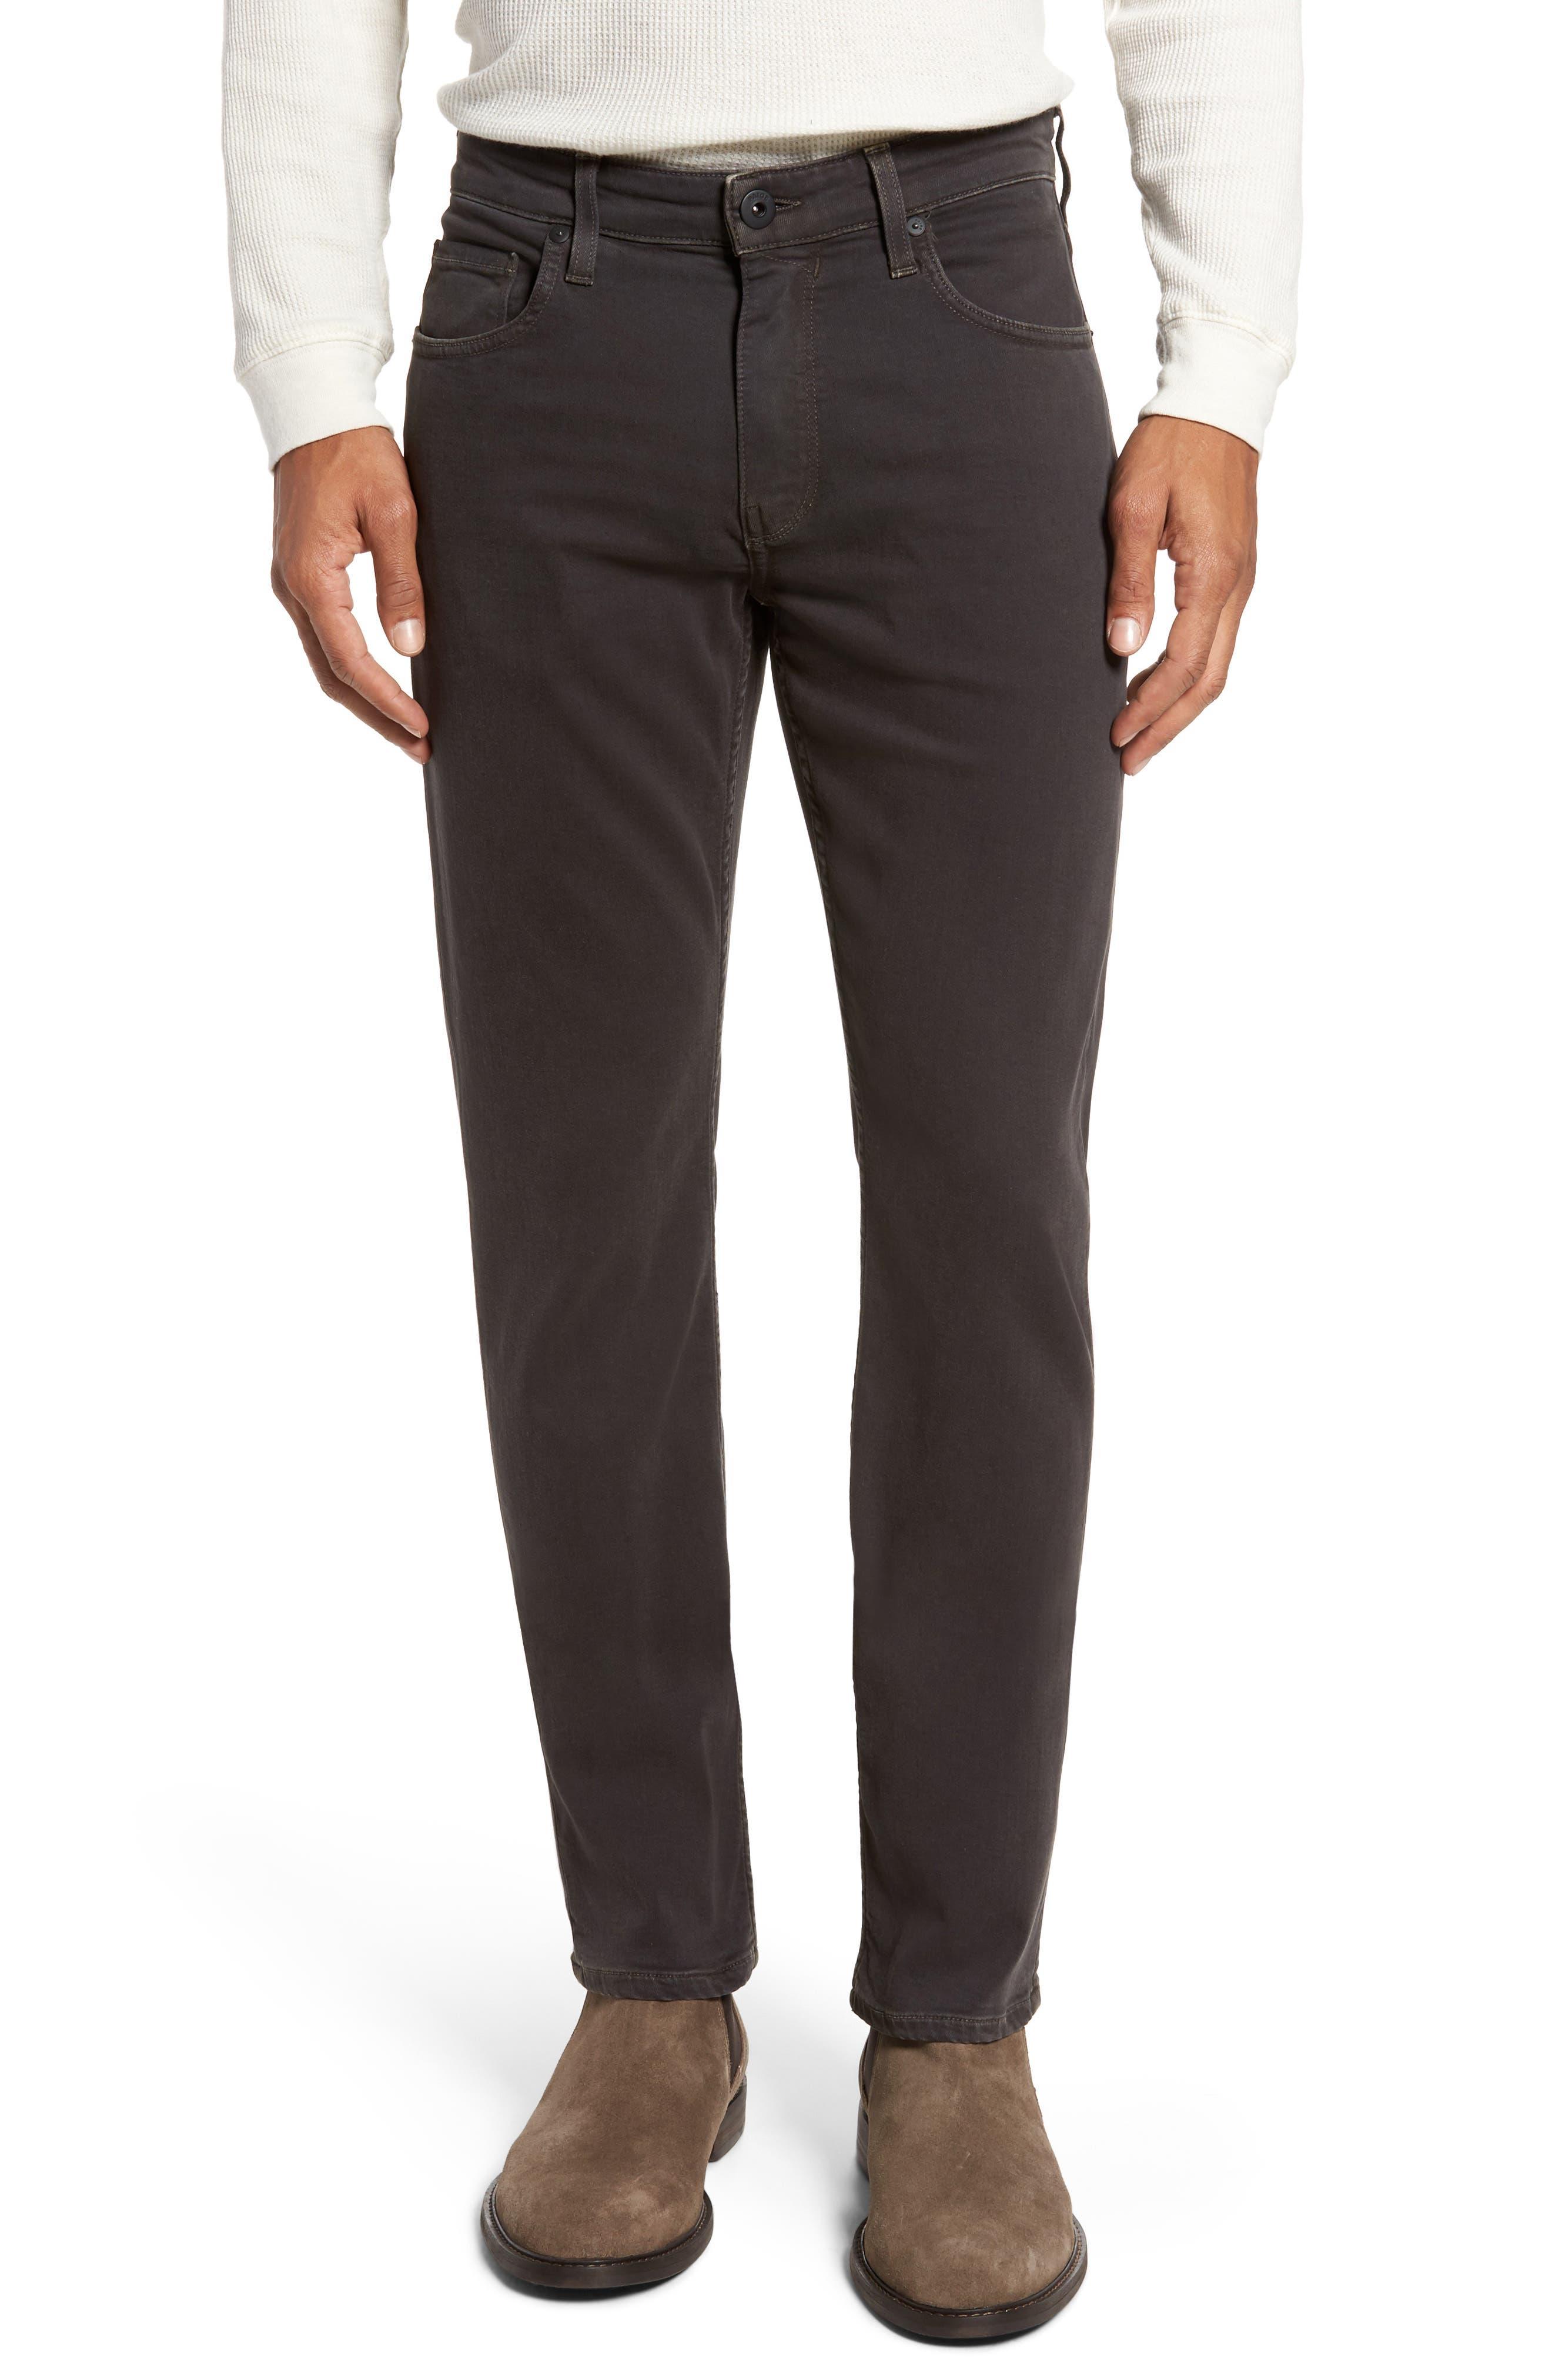 Transcend - Federal Slim Straight Leg Jeans,                         Main,                         color, Vintage Black Fade